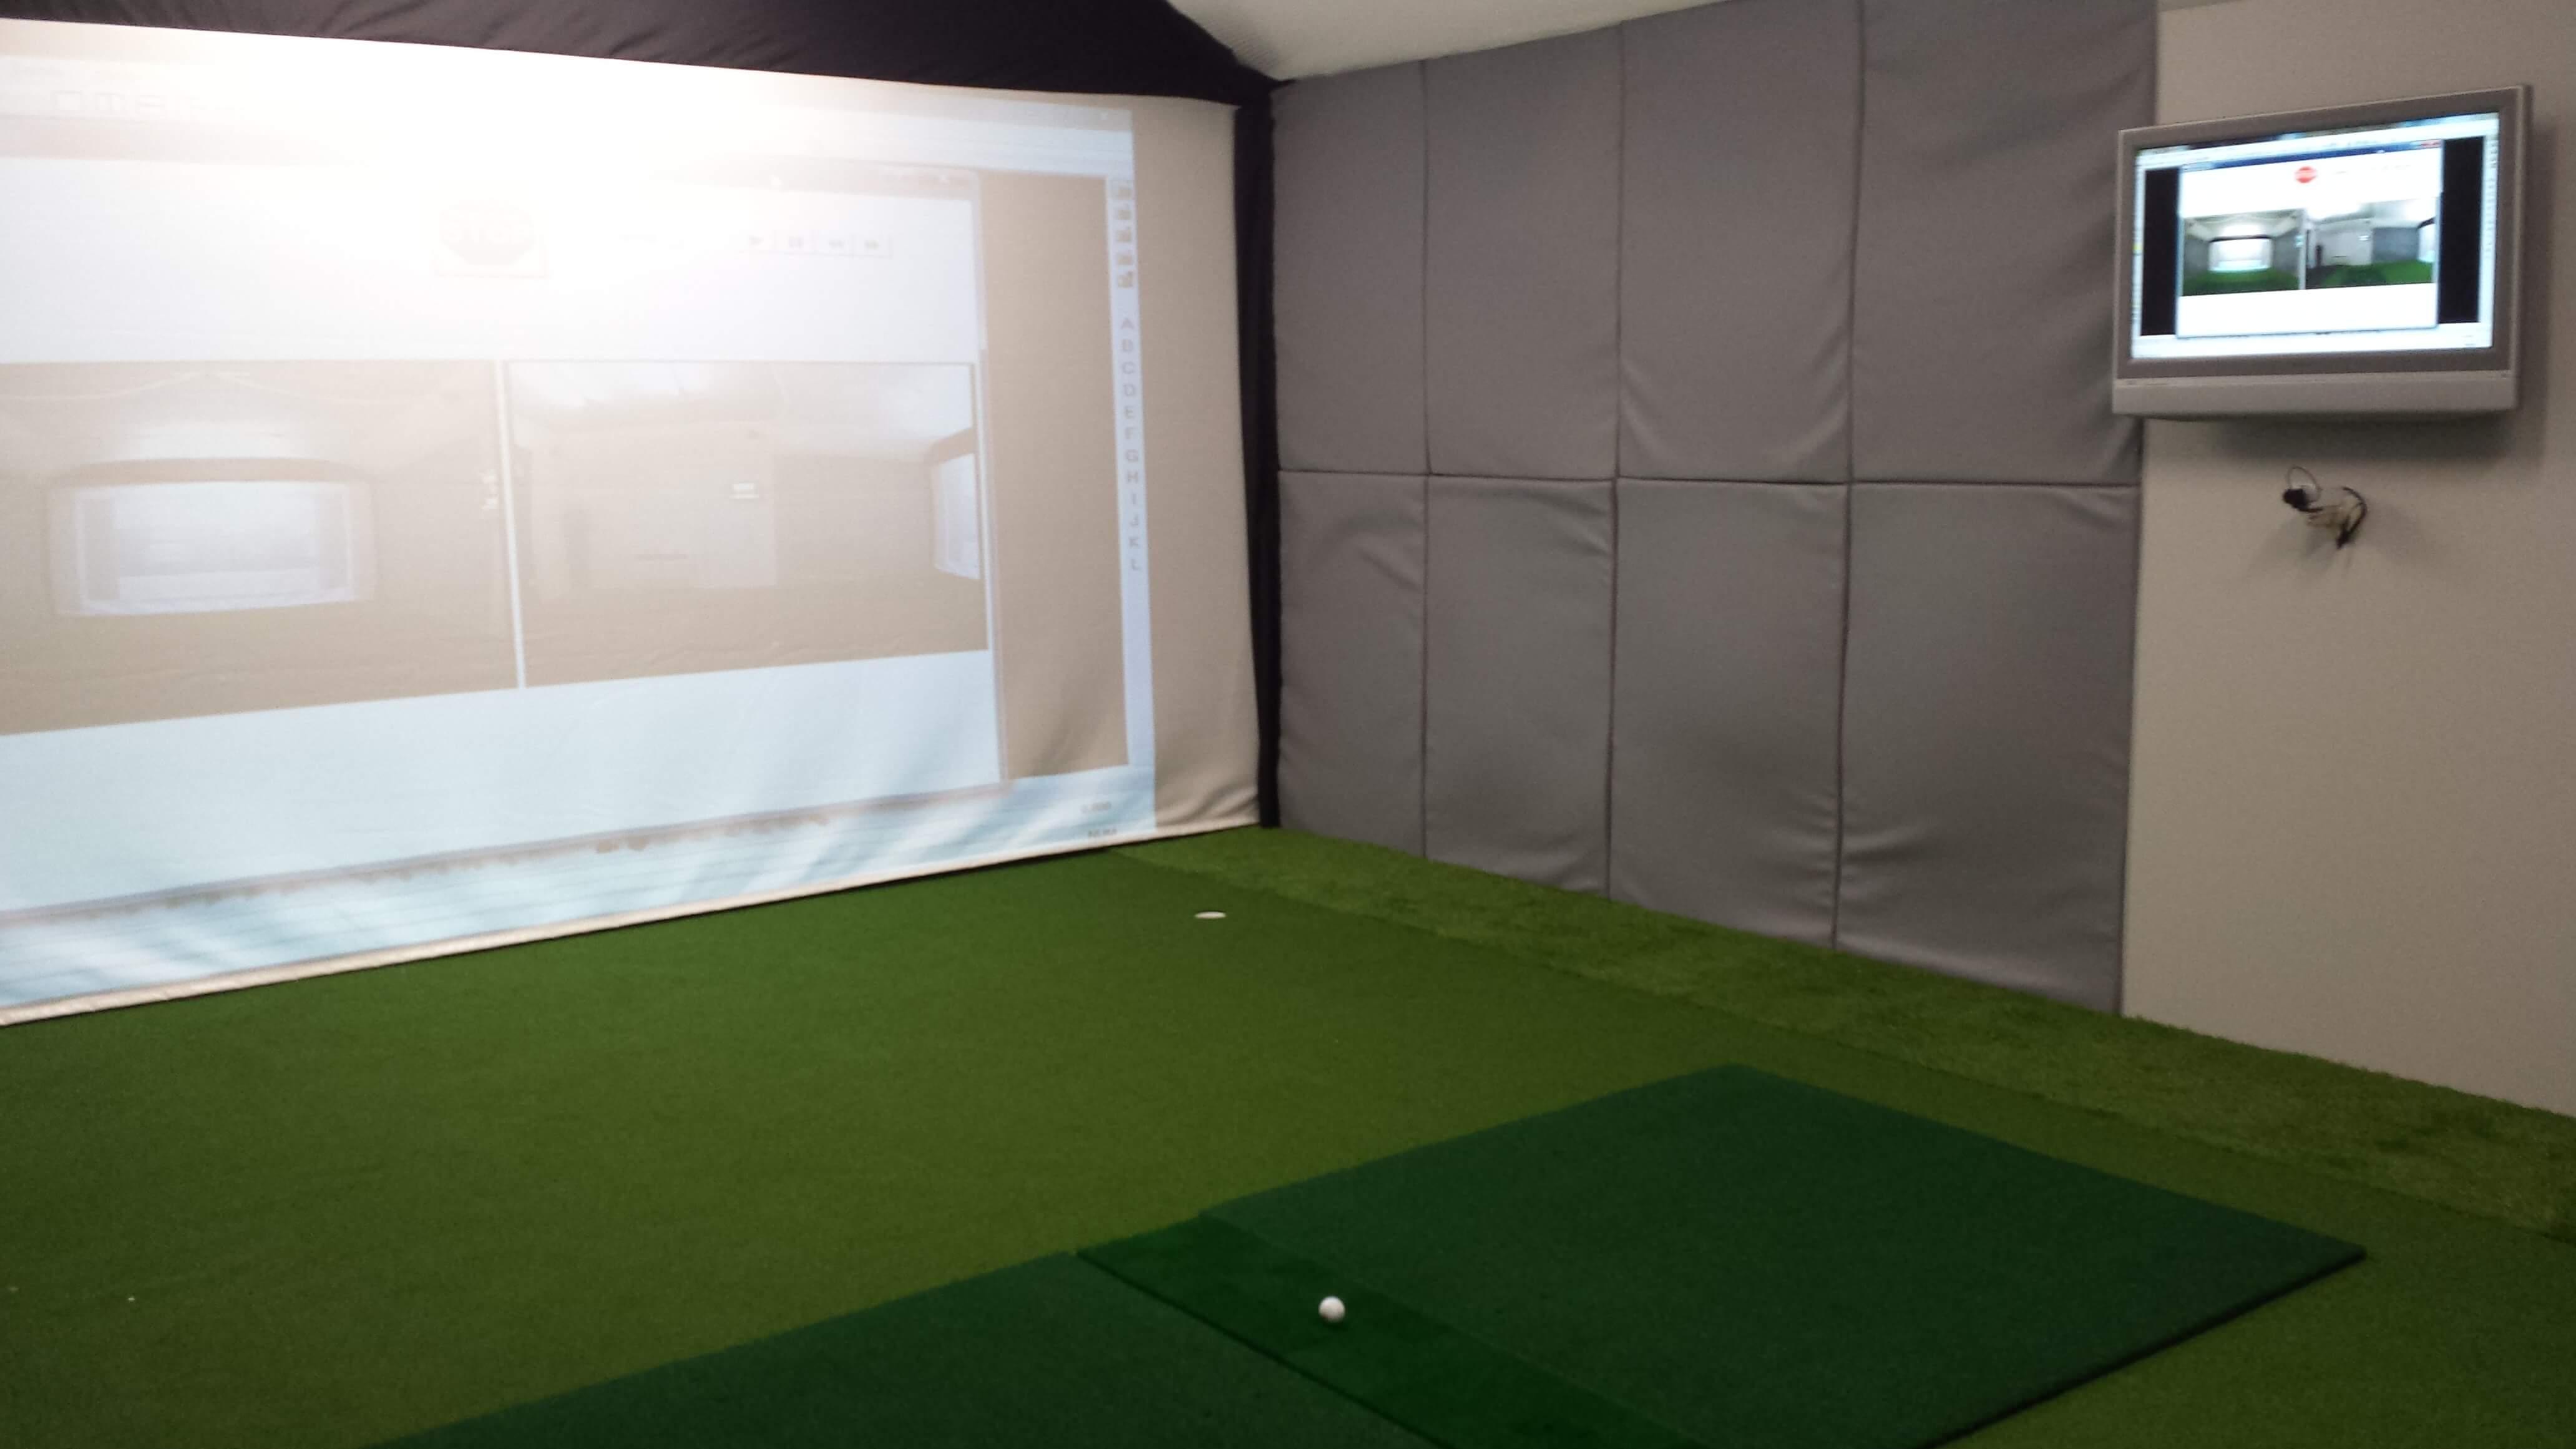 Optishot 2 Golf Simulator Screen Mat Package